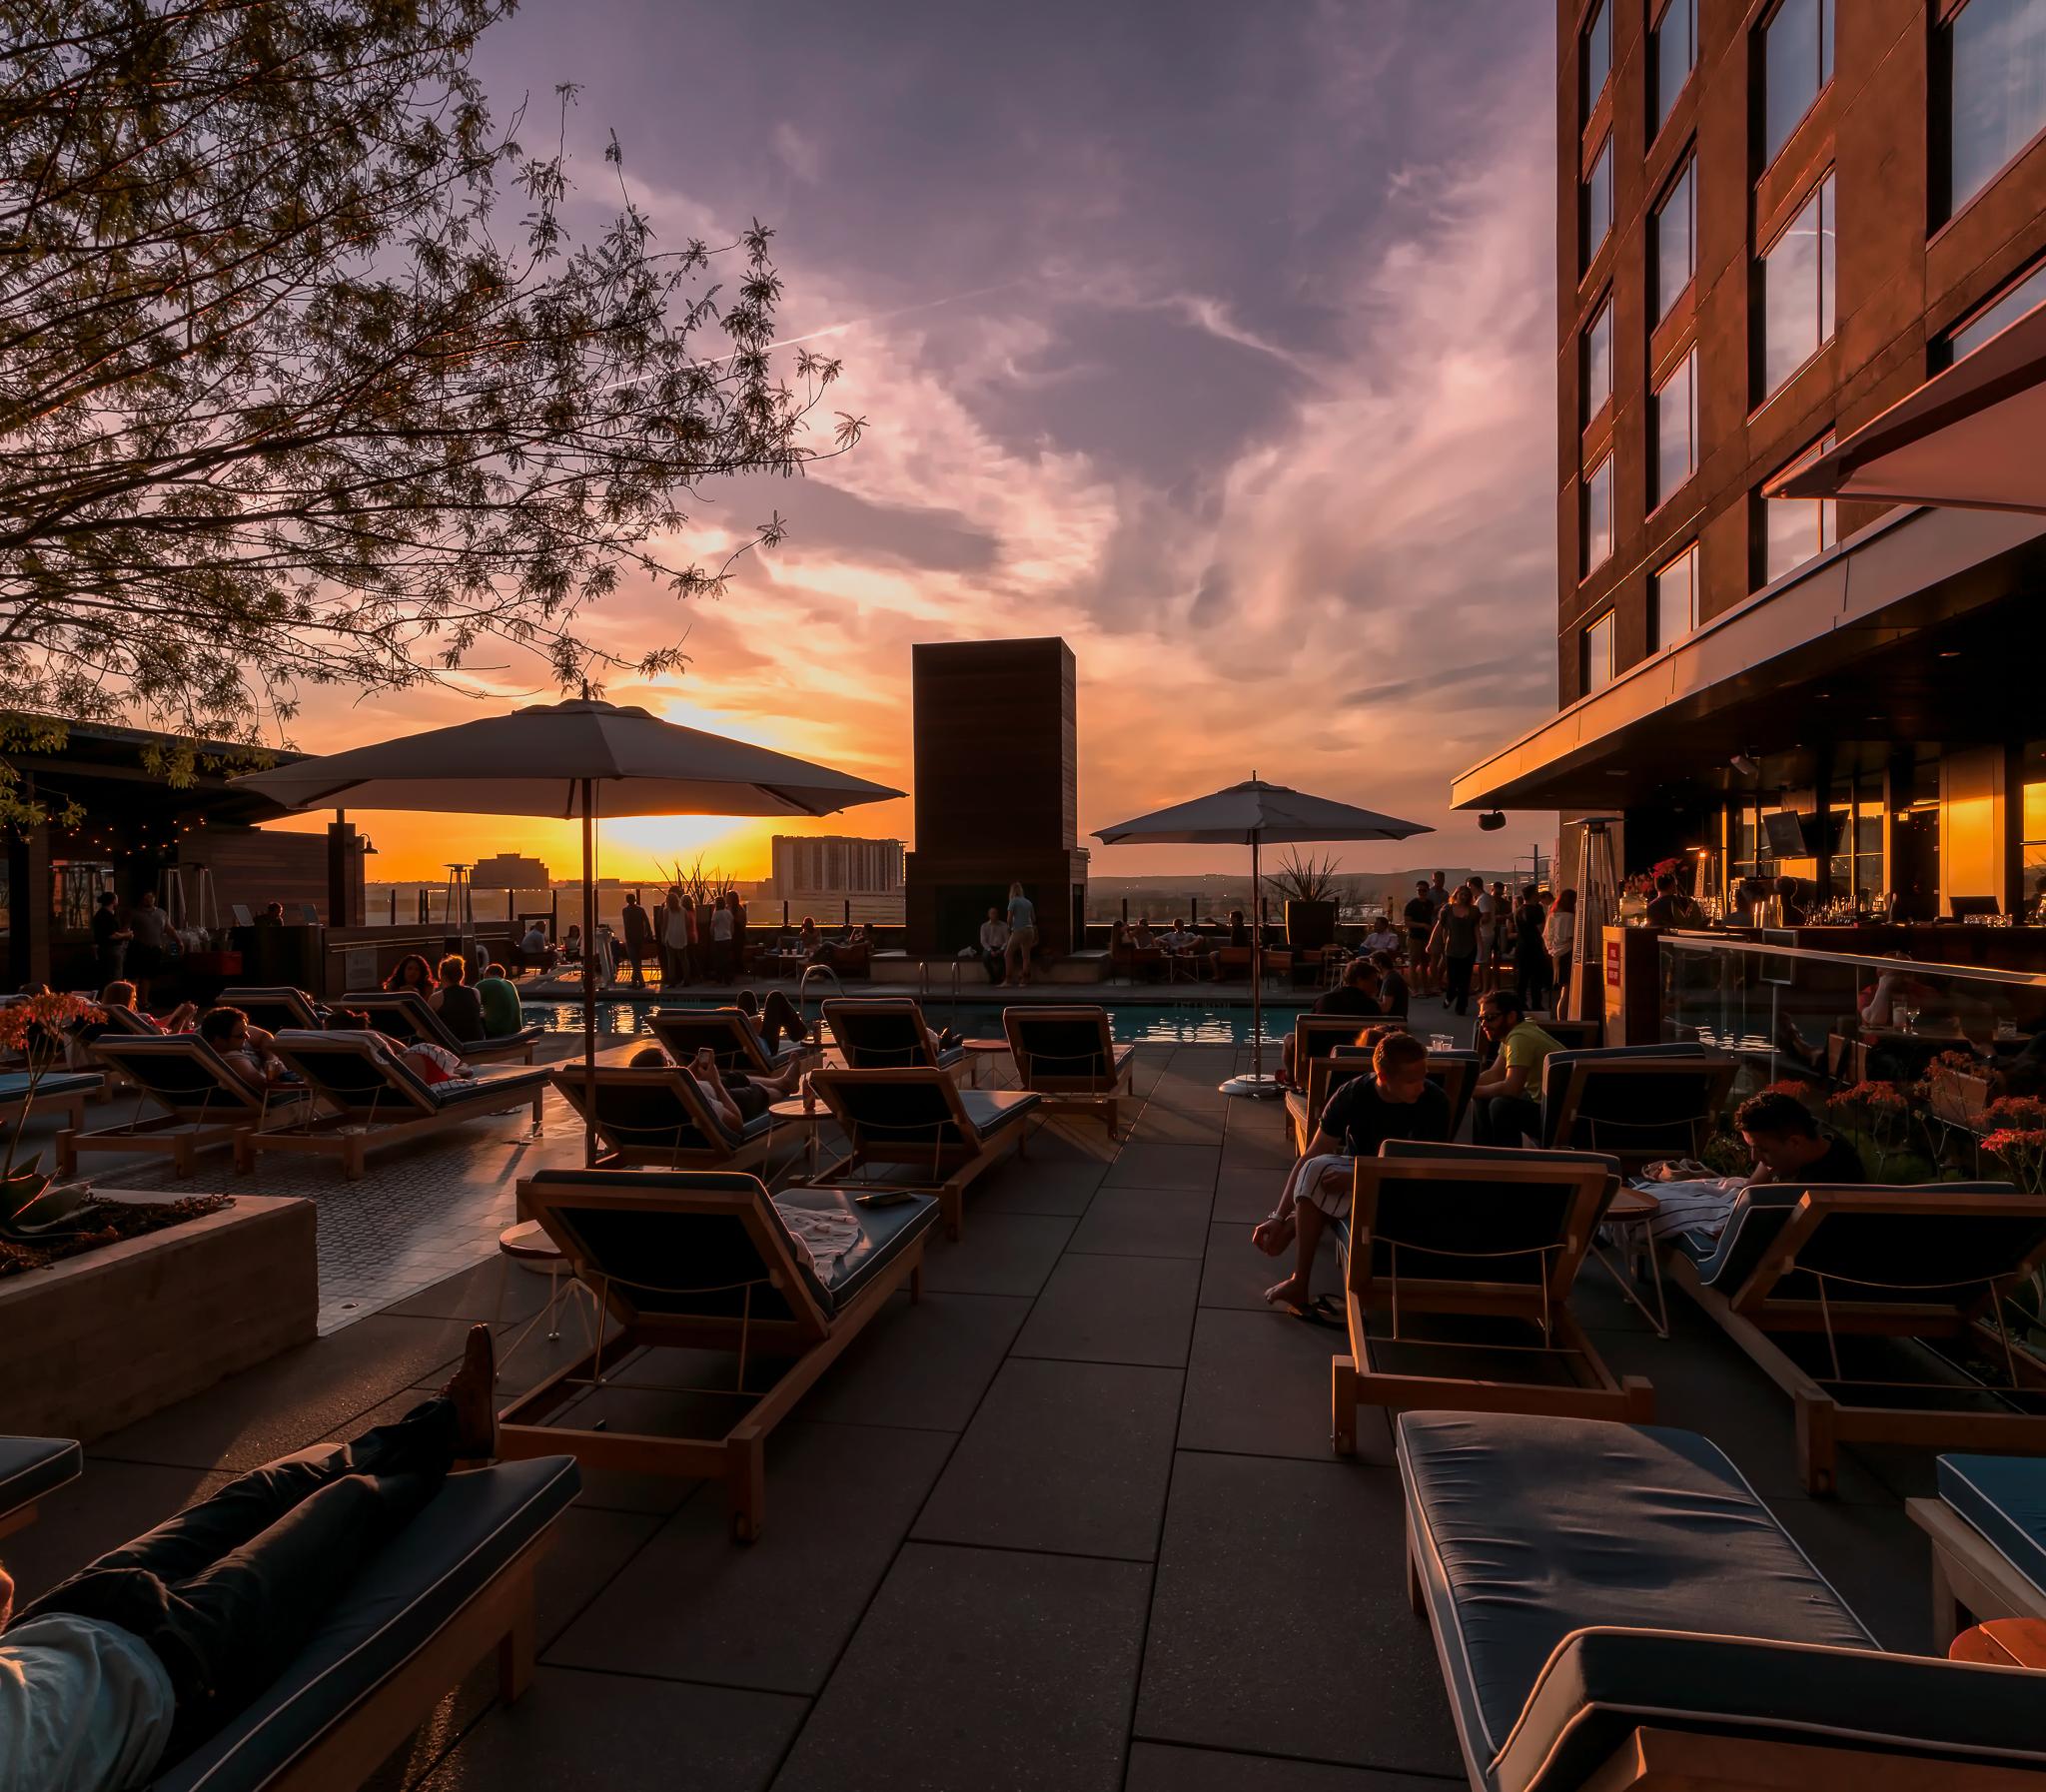 Hotel Van Zandt's pool deck